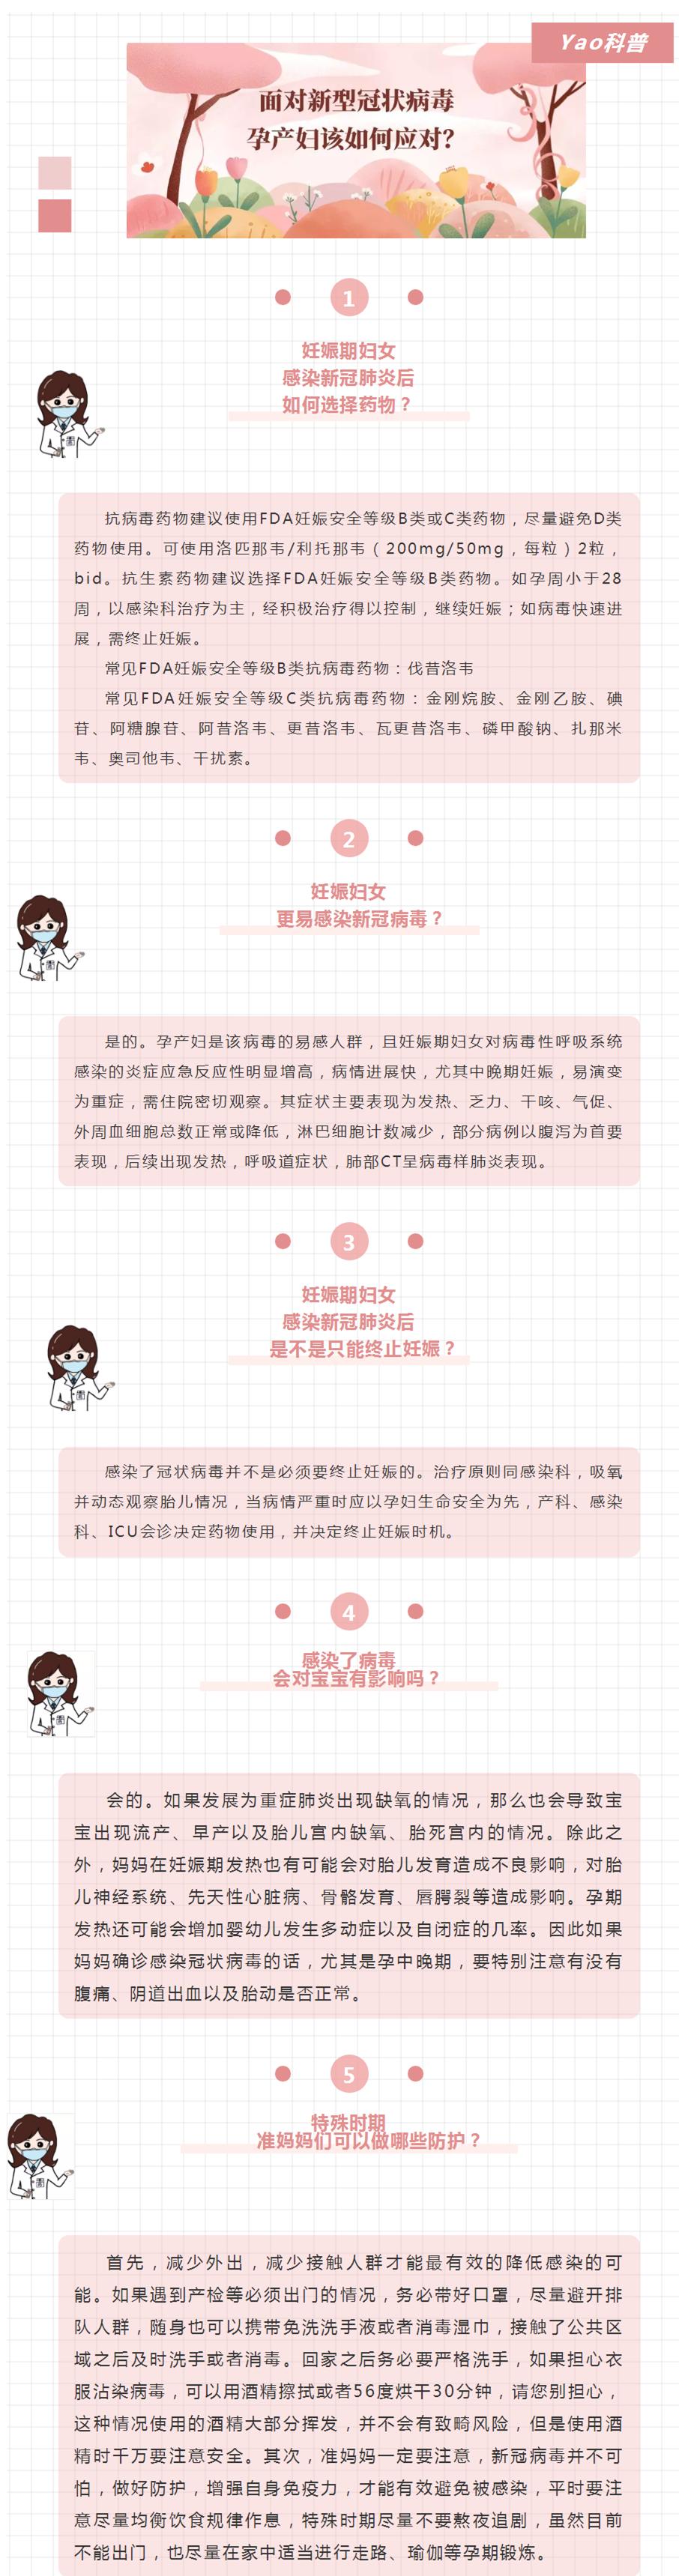 Yao科普丨面对新型冠状病毒,孕产妇该如何应对?.png